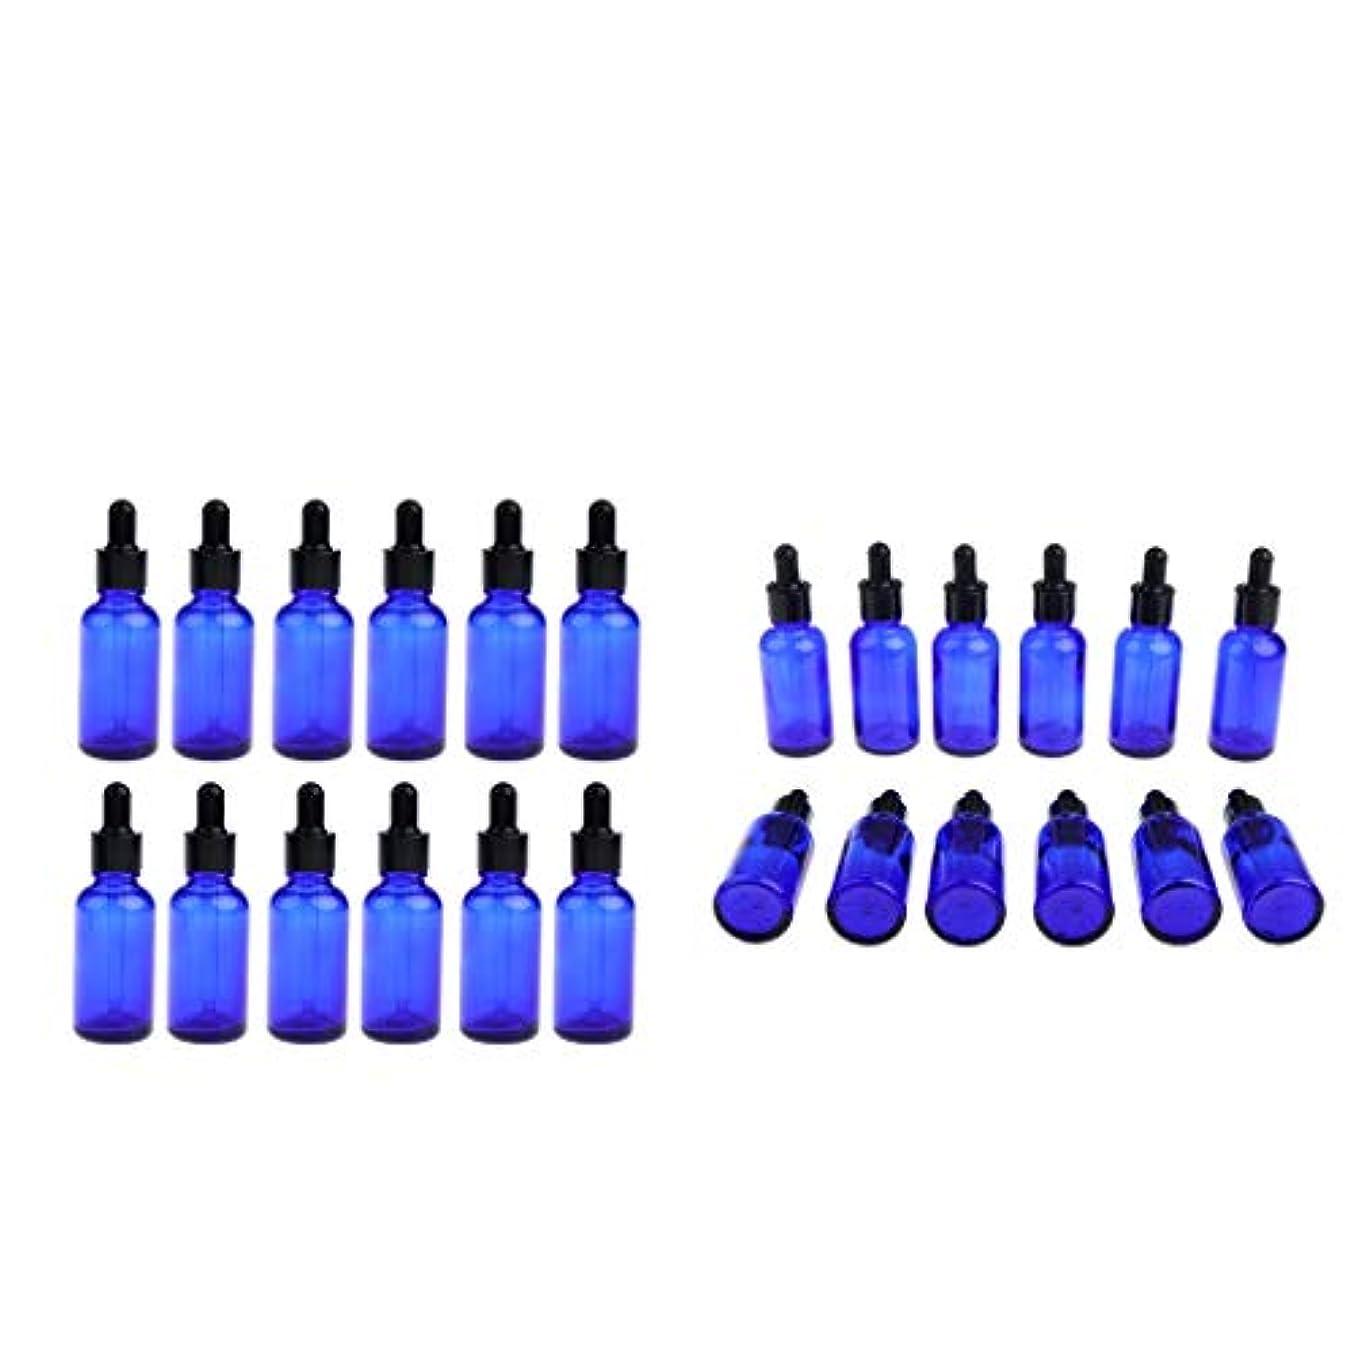 テザー到着の面ではドロッパーボトル エッセンシャルオイル アロマセラピー 30ml スポイトボトル ガラス瓶